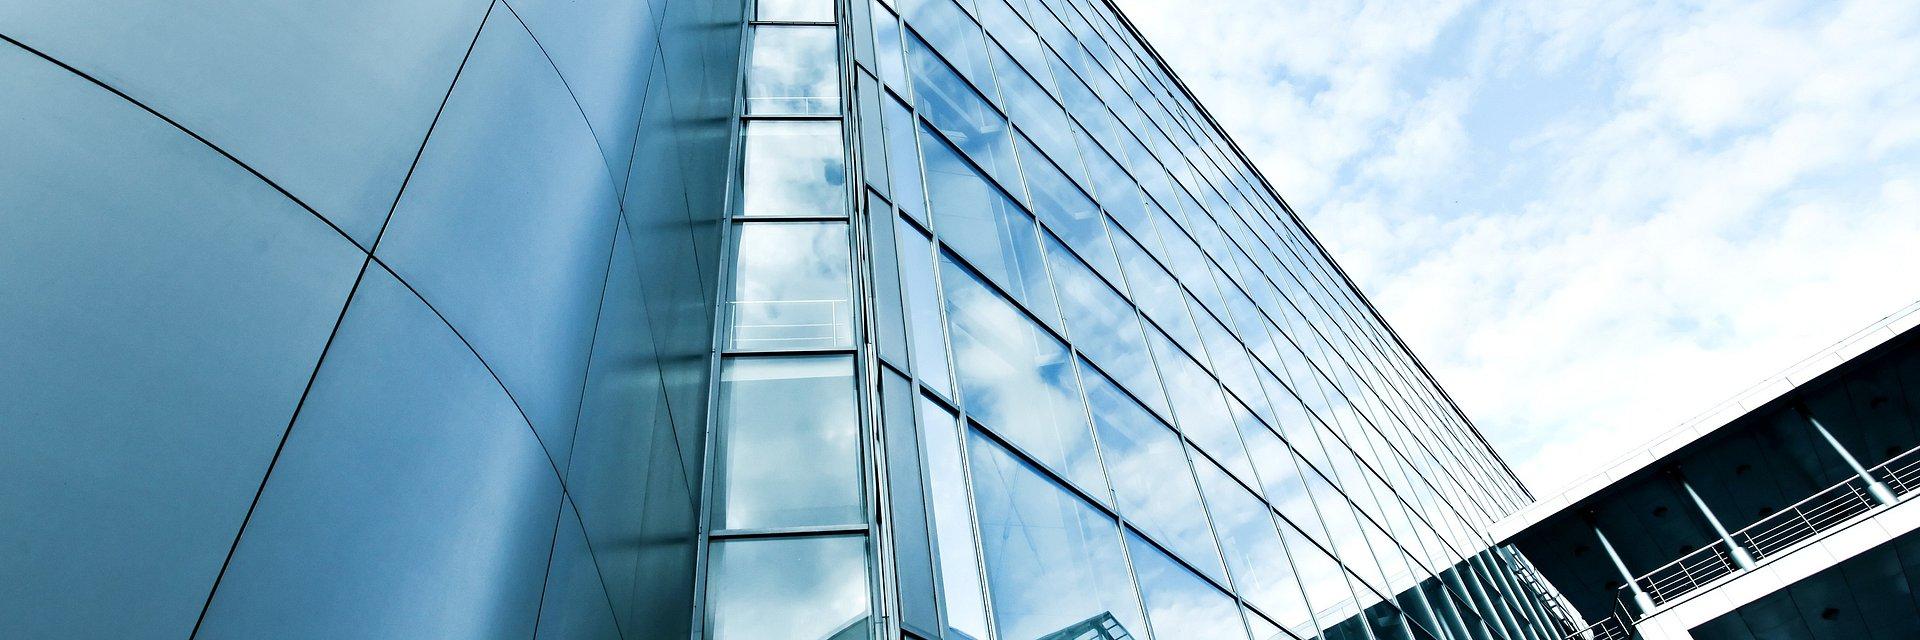 Rekord CBRE: ponad 1 mln wynajętej powierzchni biurowej w regionie Europy Środkowo-Wschodniej (CEE)